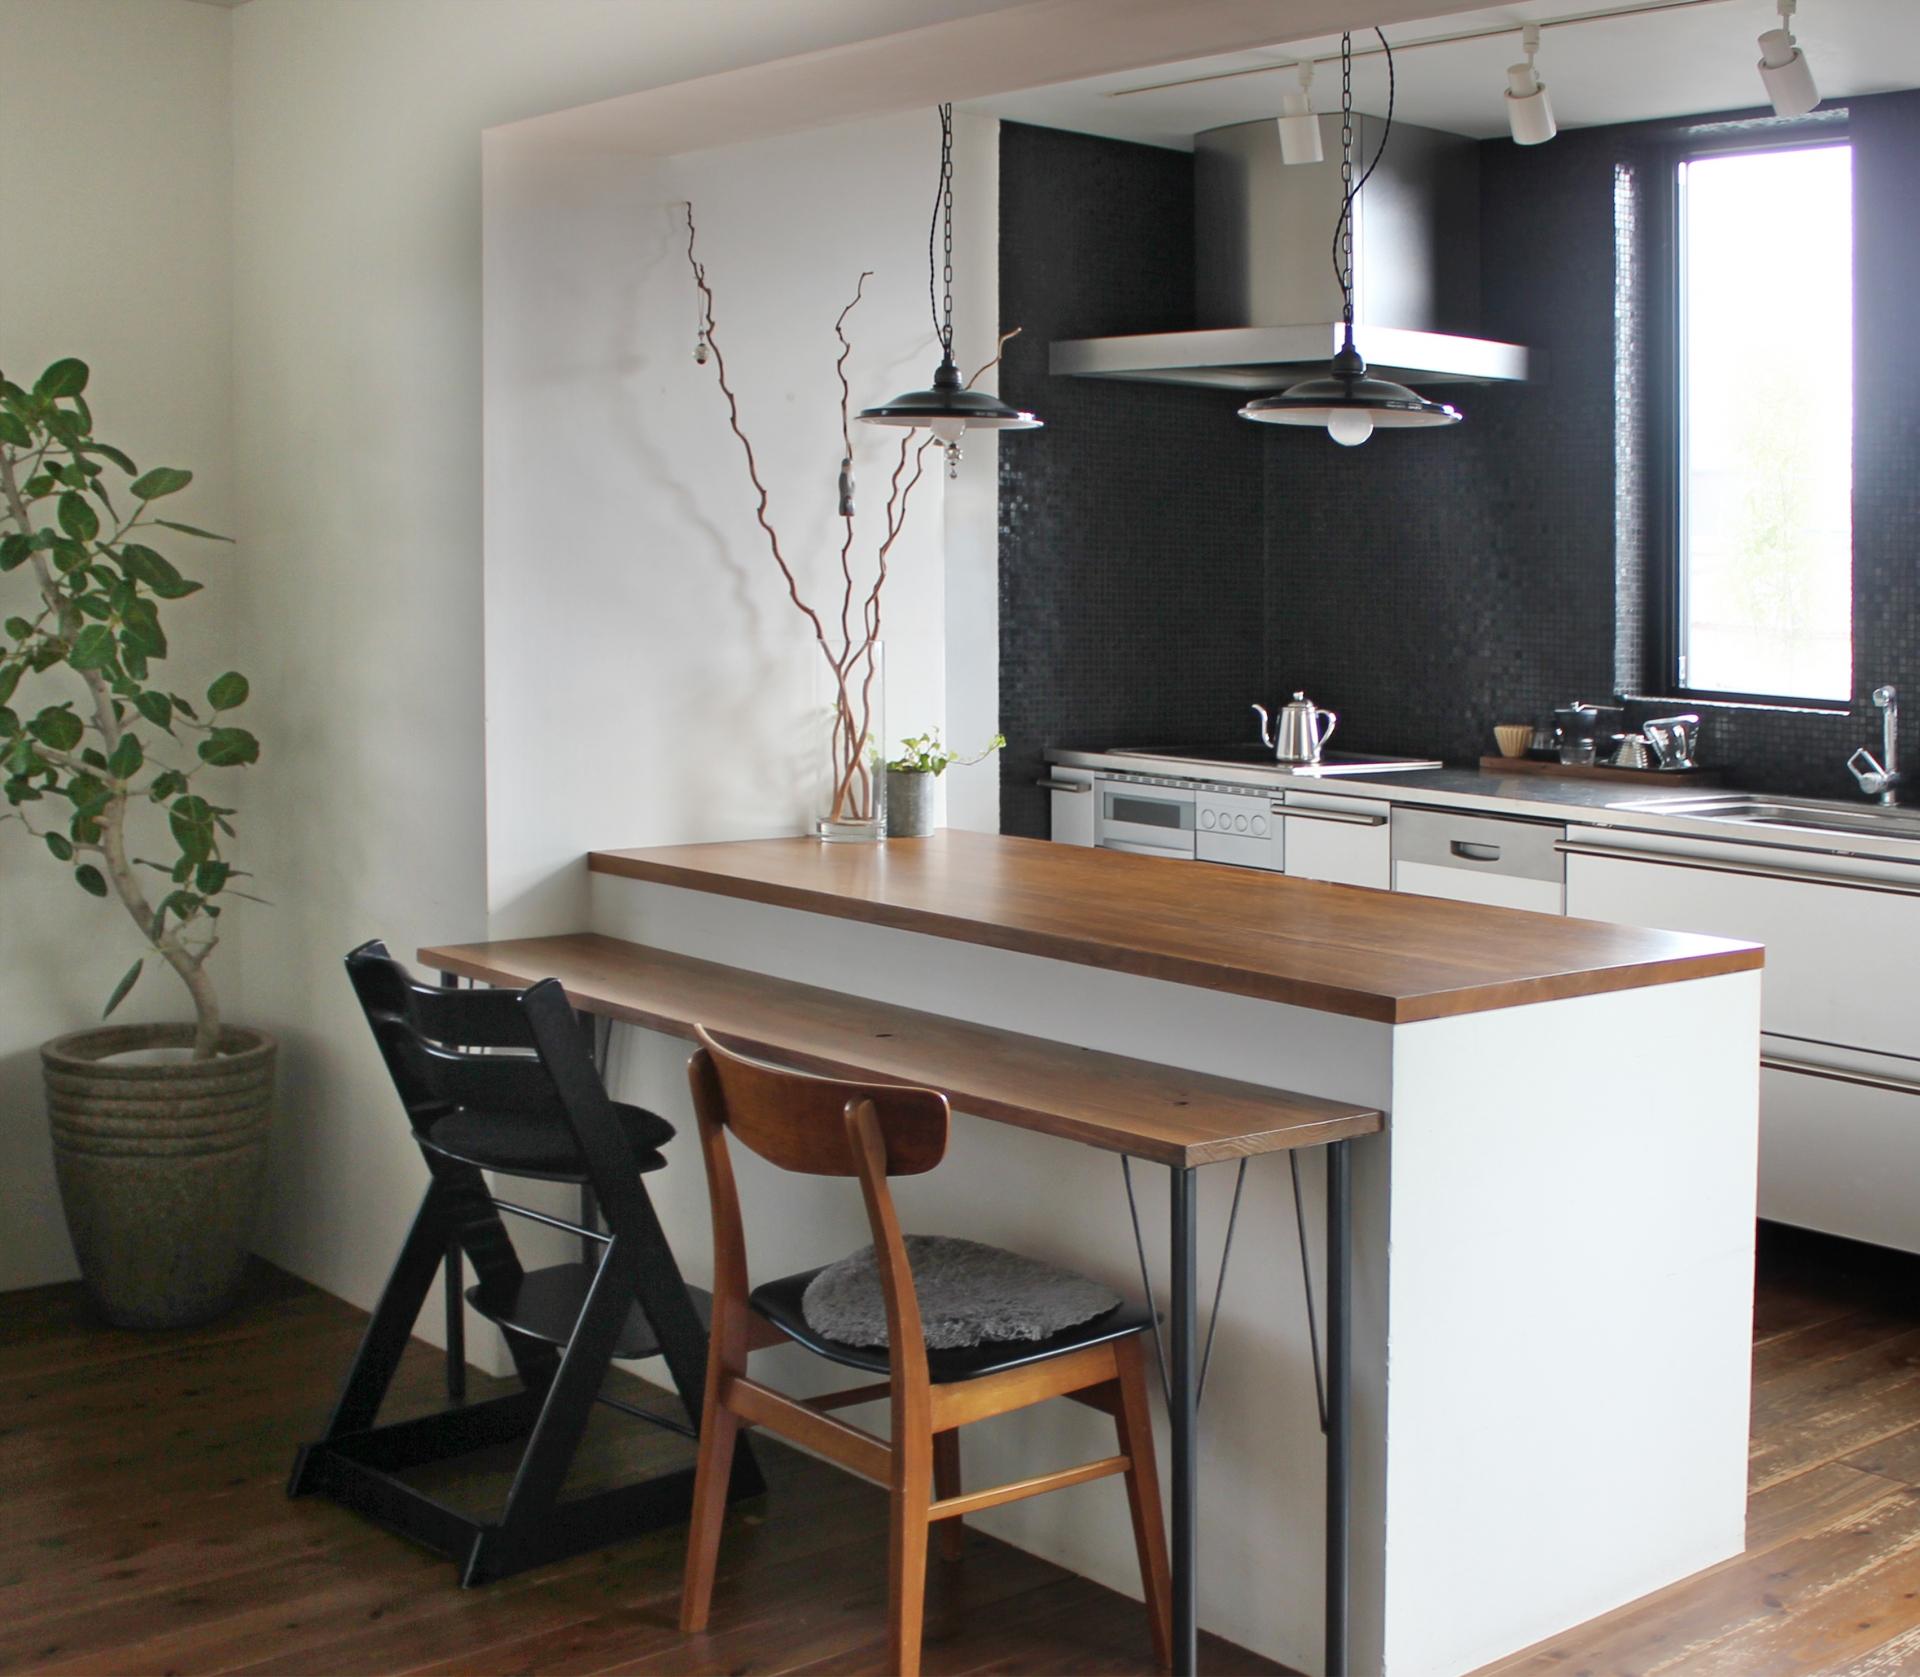 カウンターテーブルのおすすめ4選&選び方【おしゃれなキッチンに】